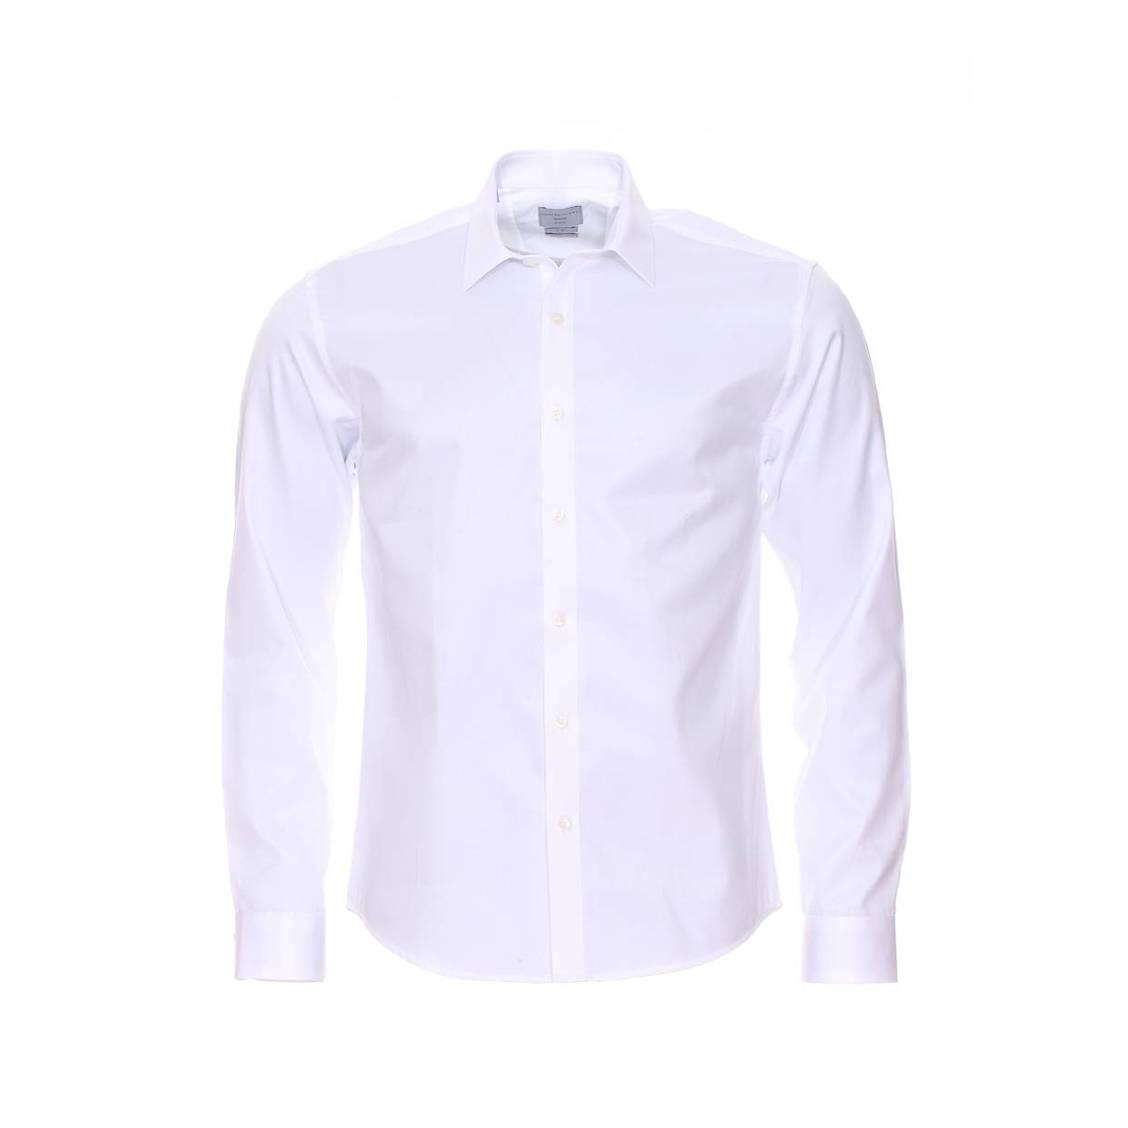 Chemise ajustée  100% en coton blanc